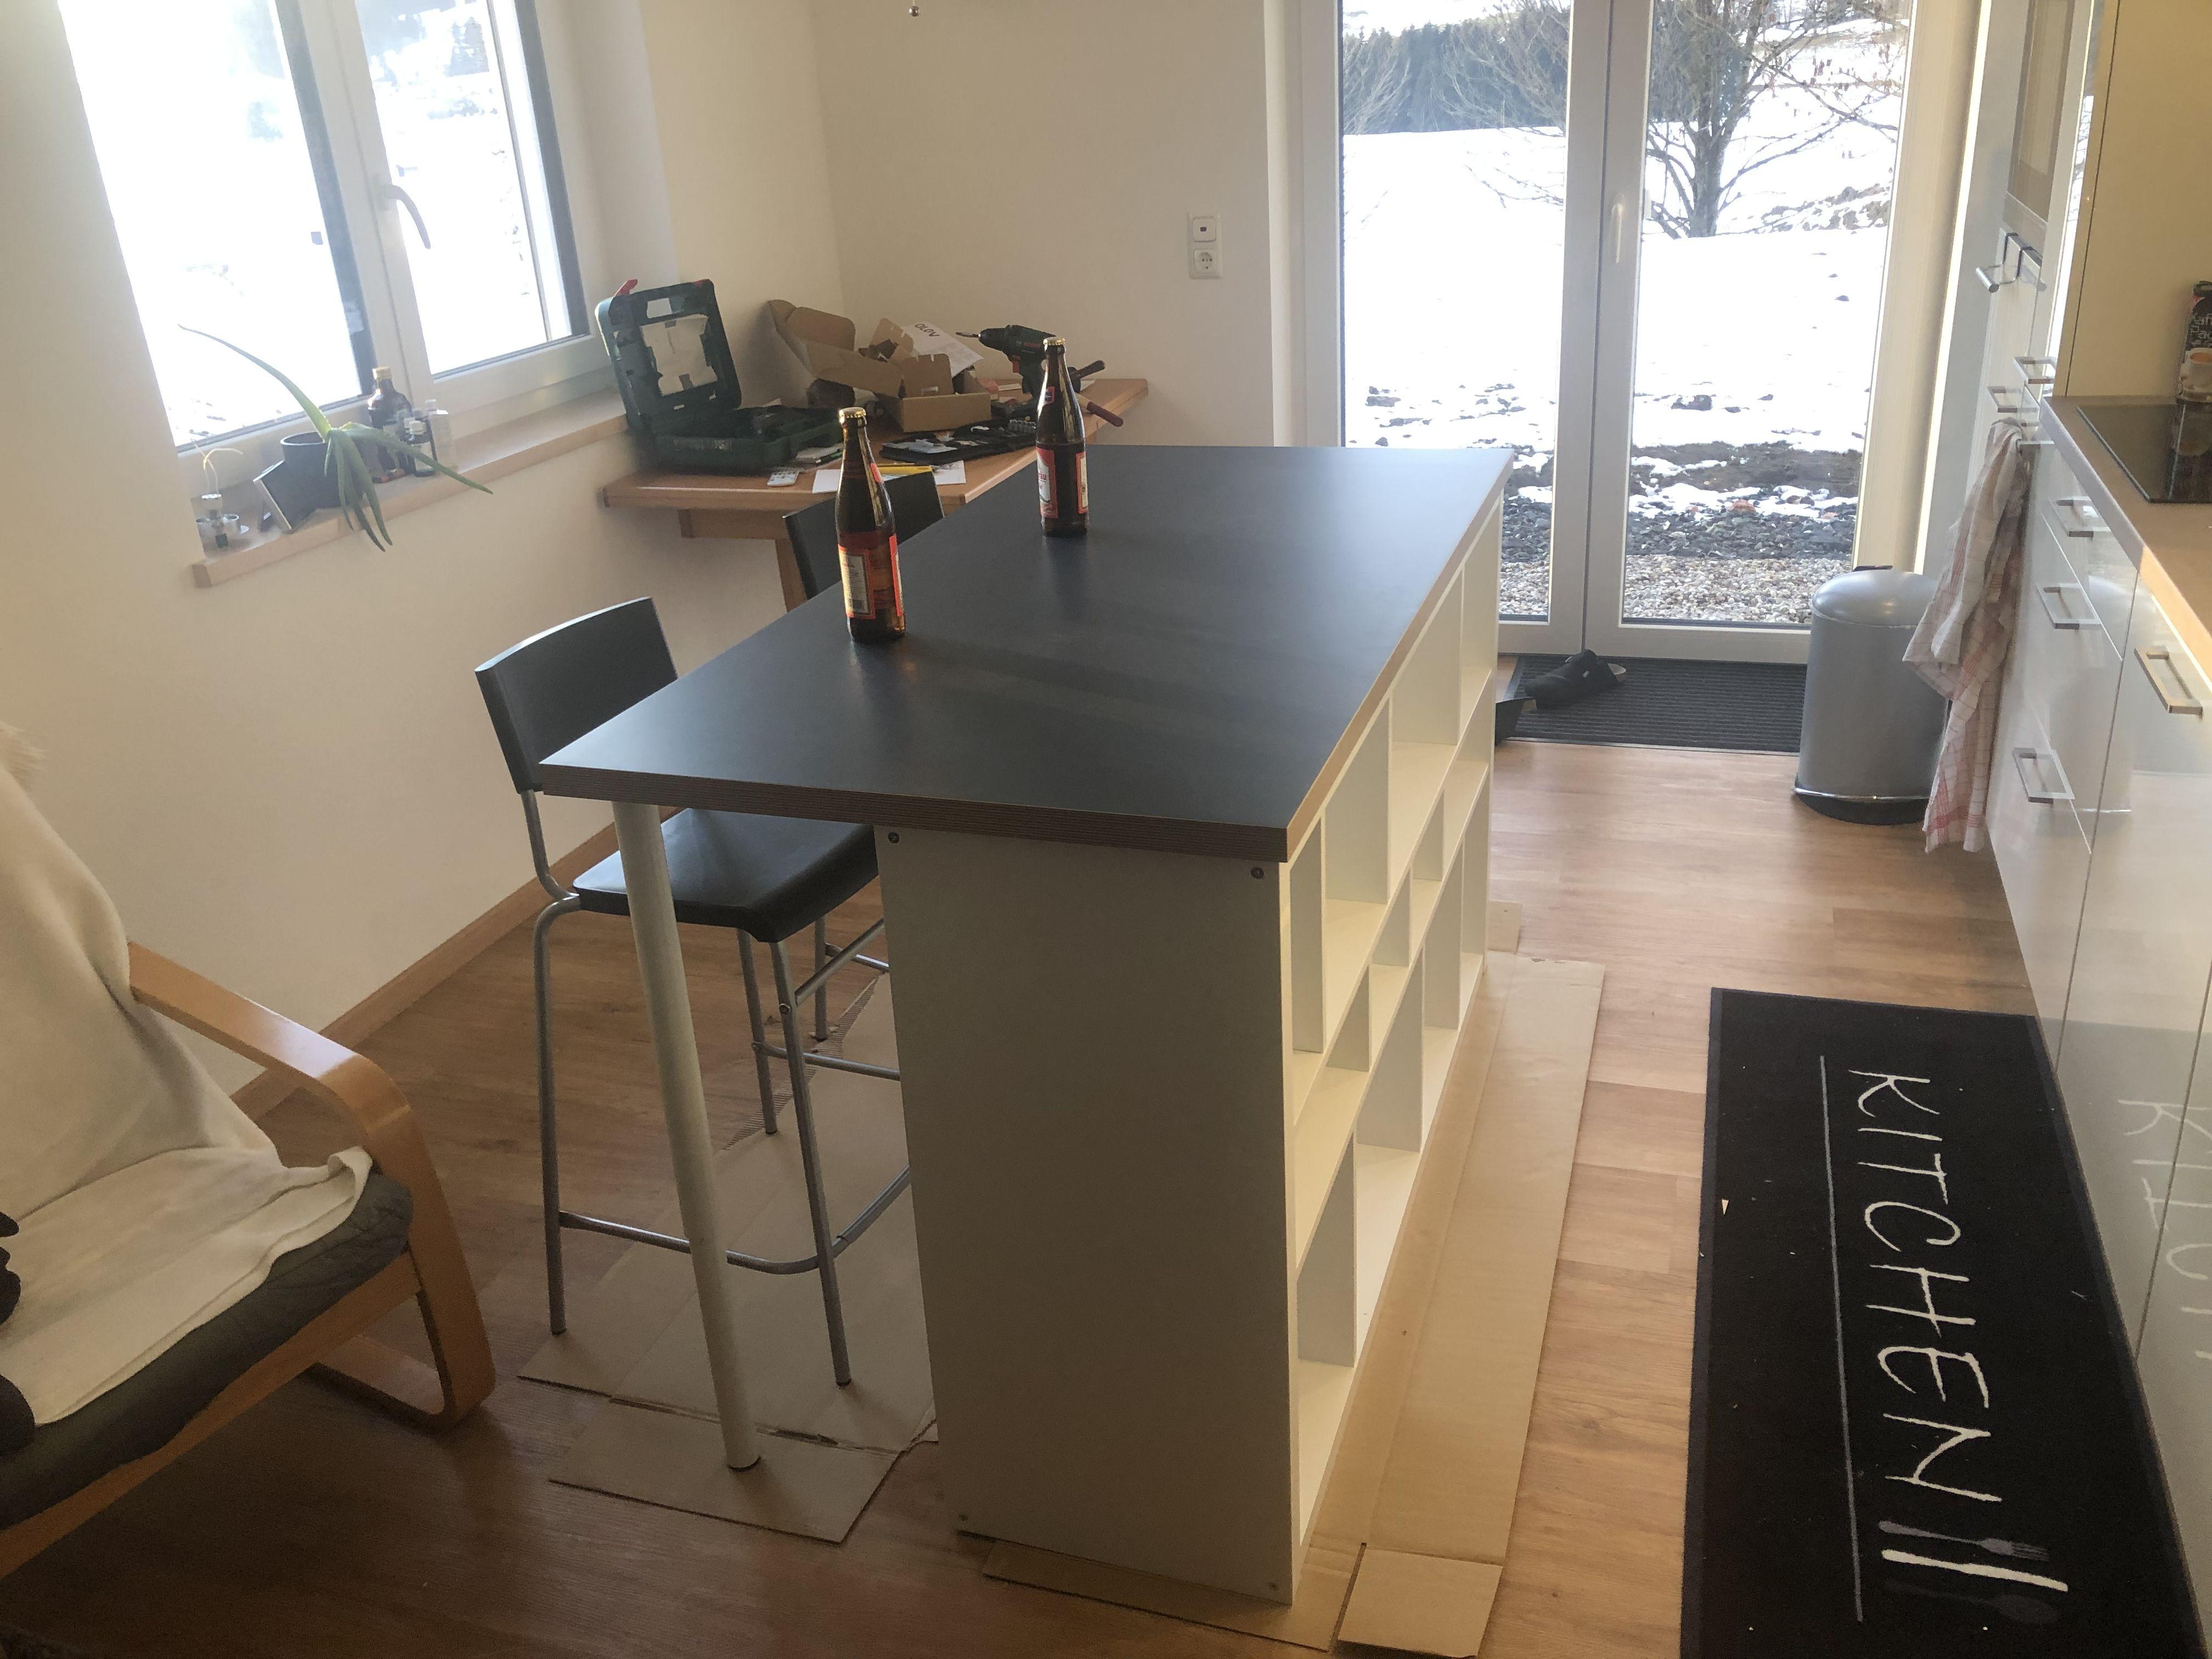 Mobile Kücheninsel Mit Sitzgelegenheit